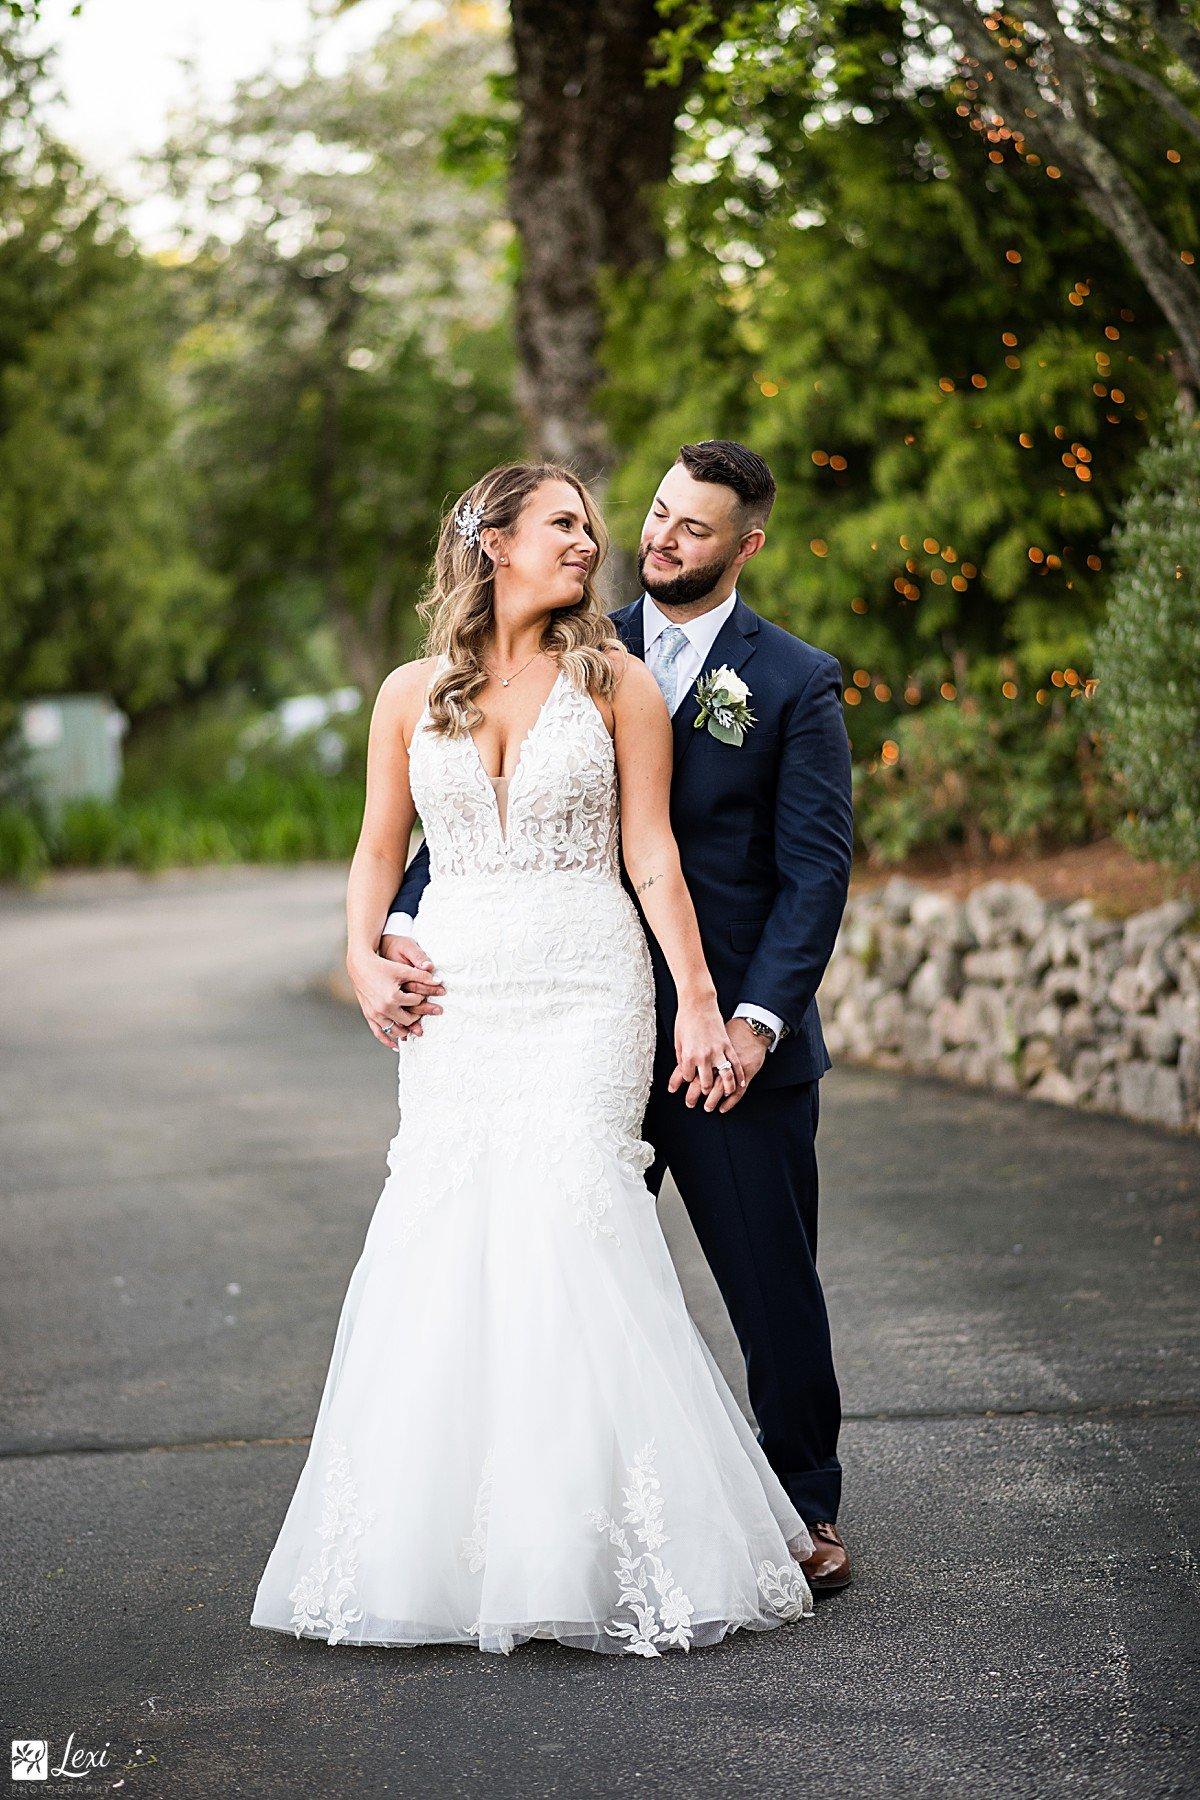 bedford-village-inn-wedding-bride-and-groom-twinkle-lights.jpg